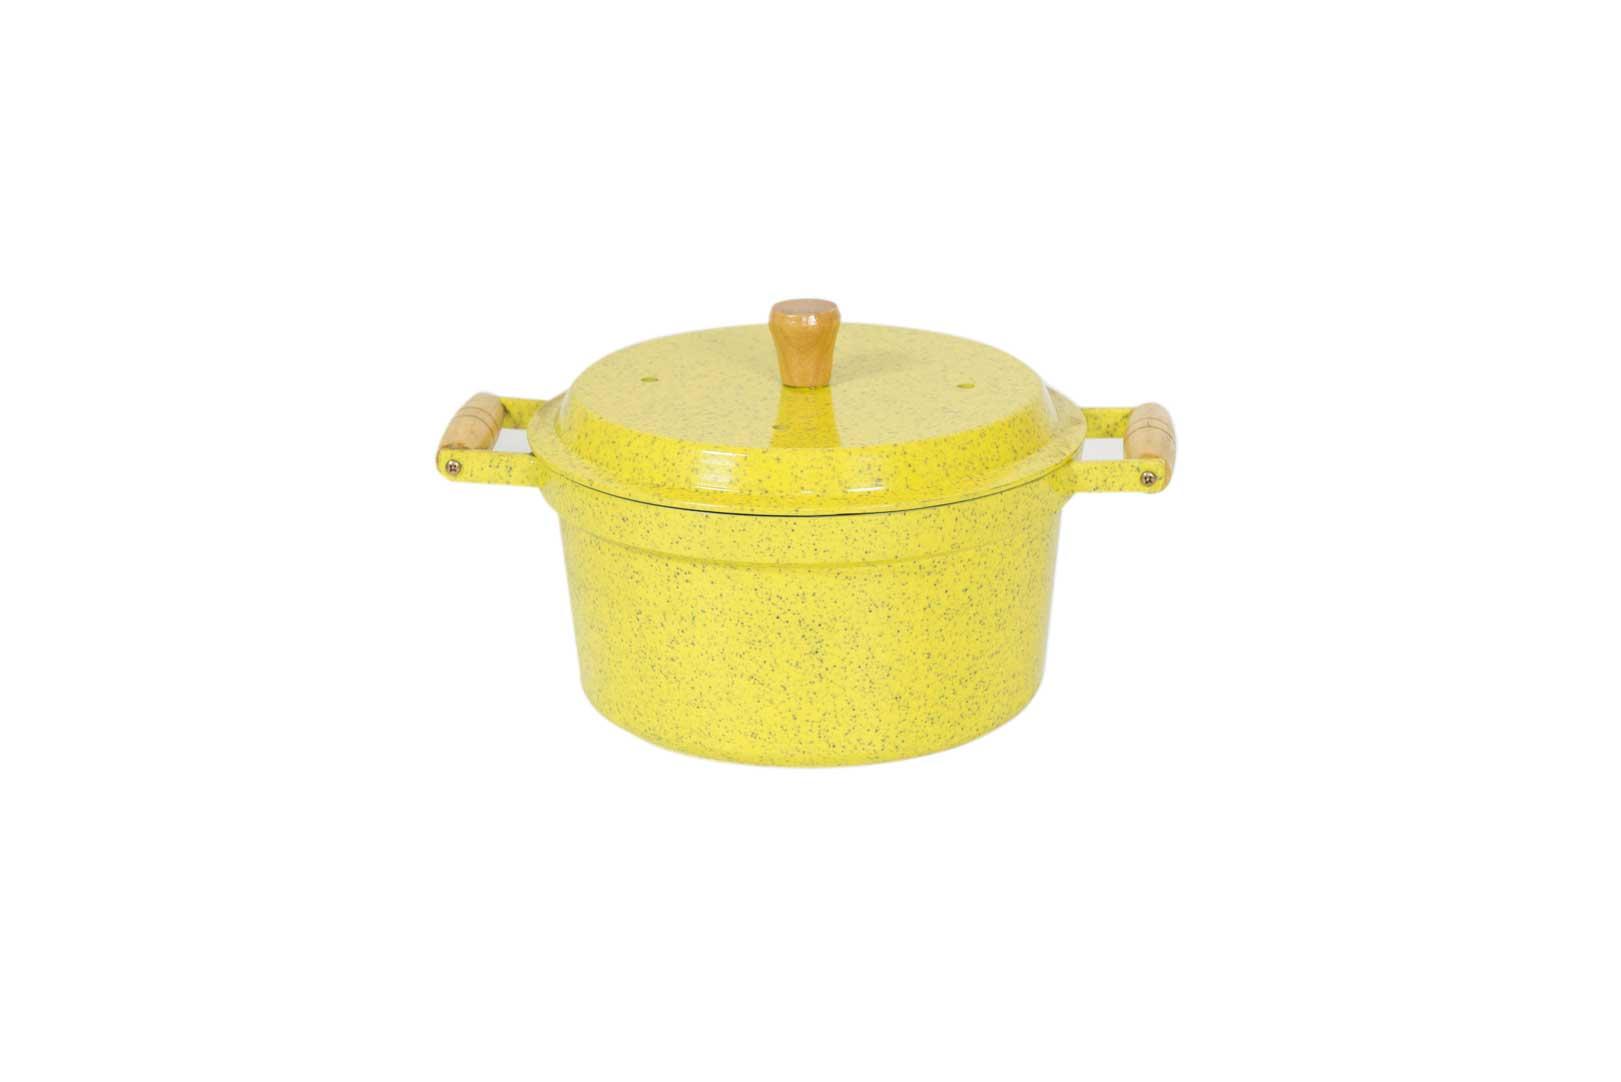 Caçarola de Aluminío Batido 3 em 1 - Amarelo Mesclado